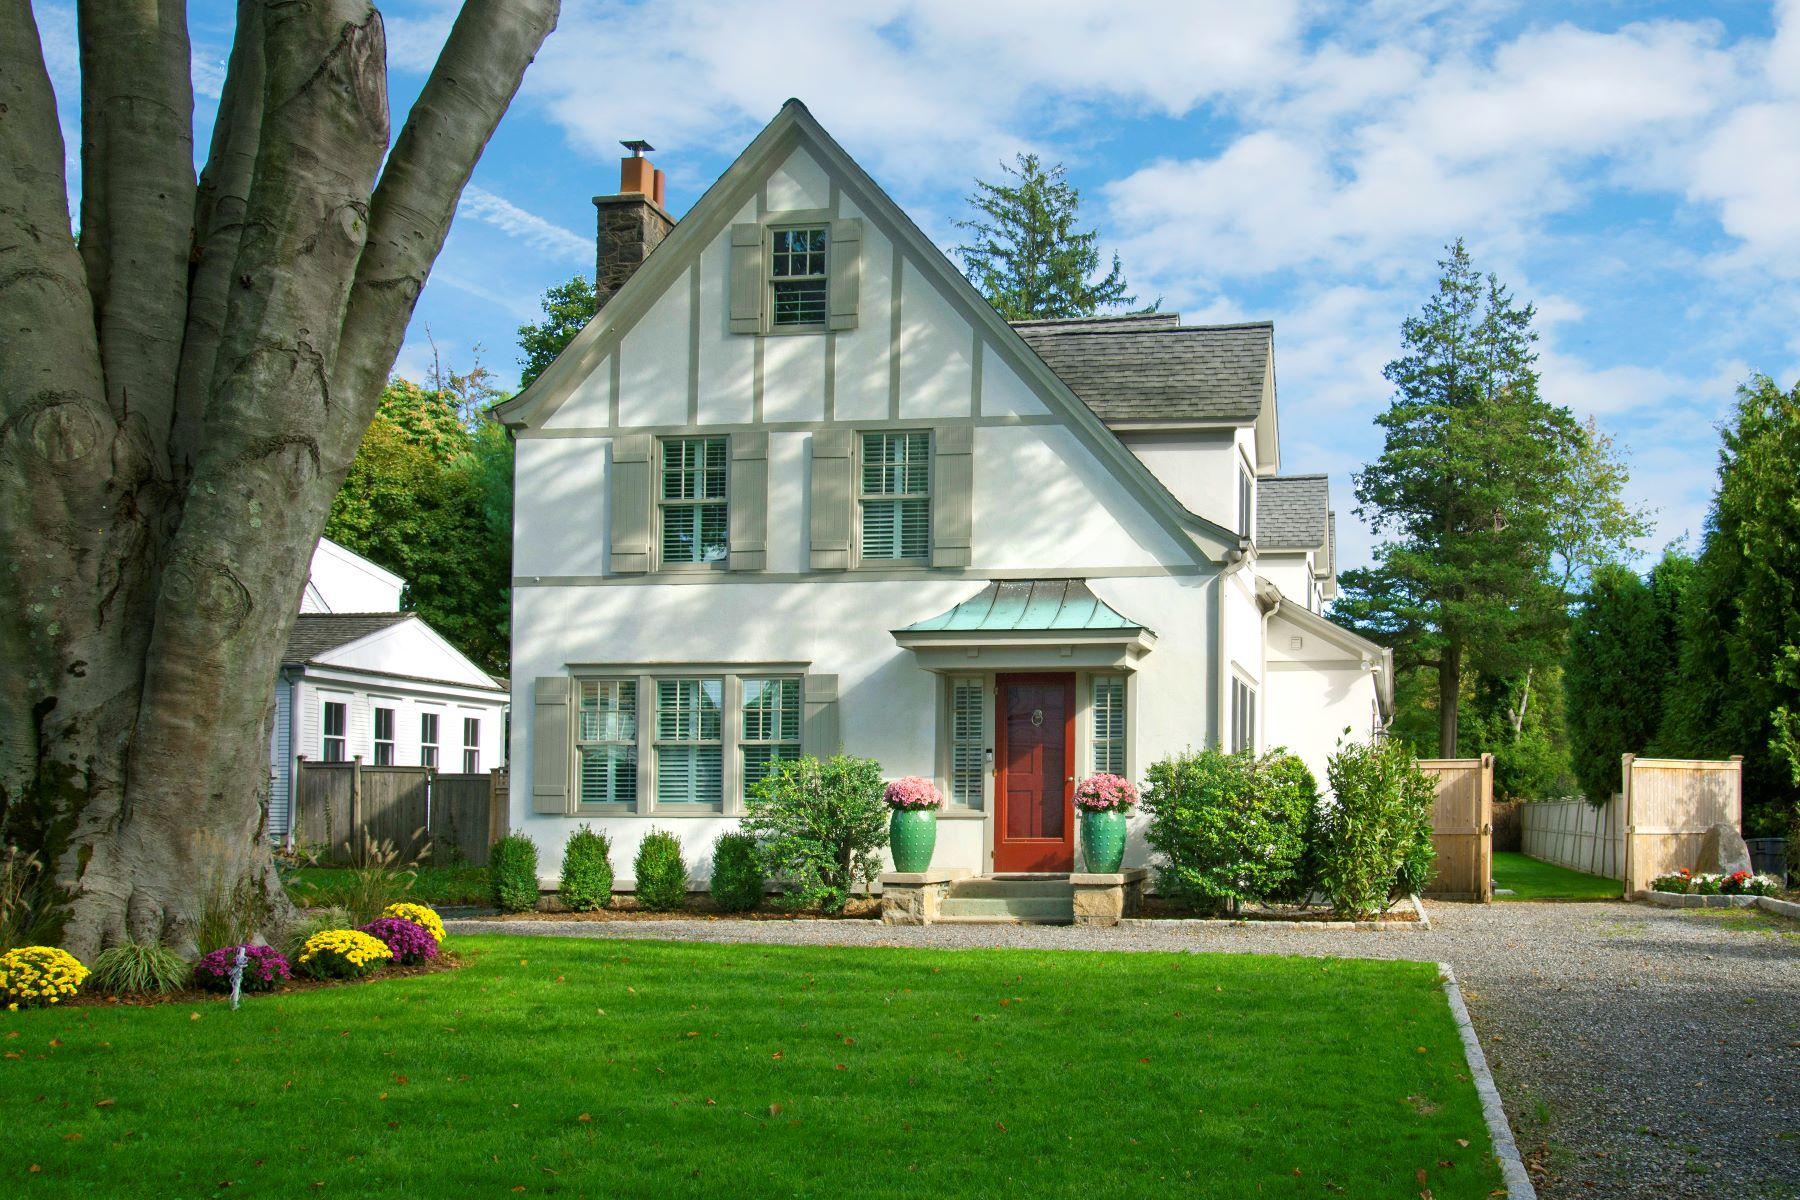 Single Family Homes for Active at Rowayton Tudor 66 Highland Avenue Norwalk, Connecticut 06853 United States